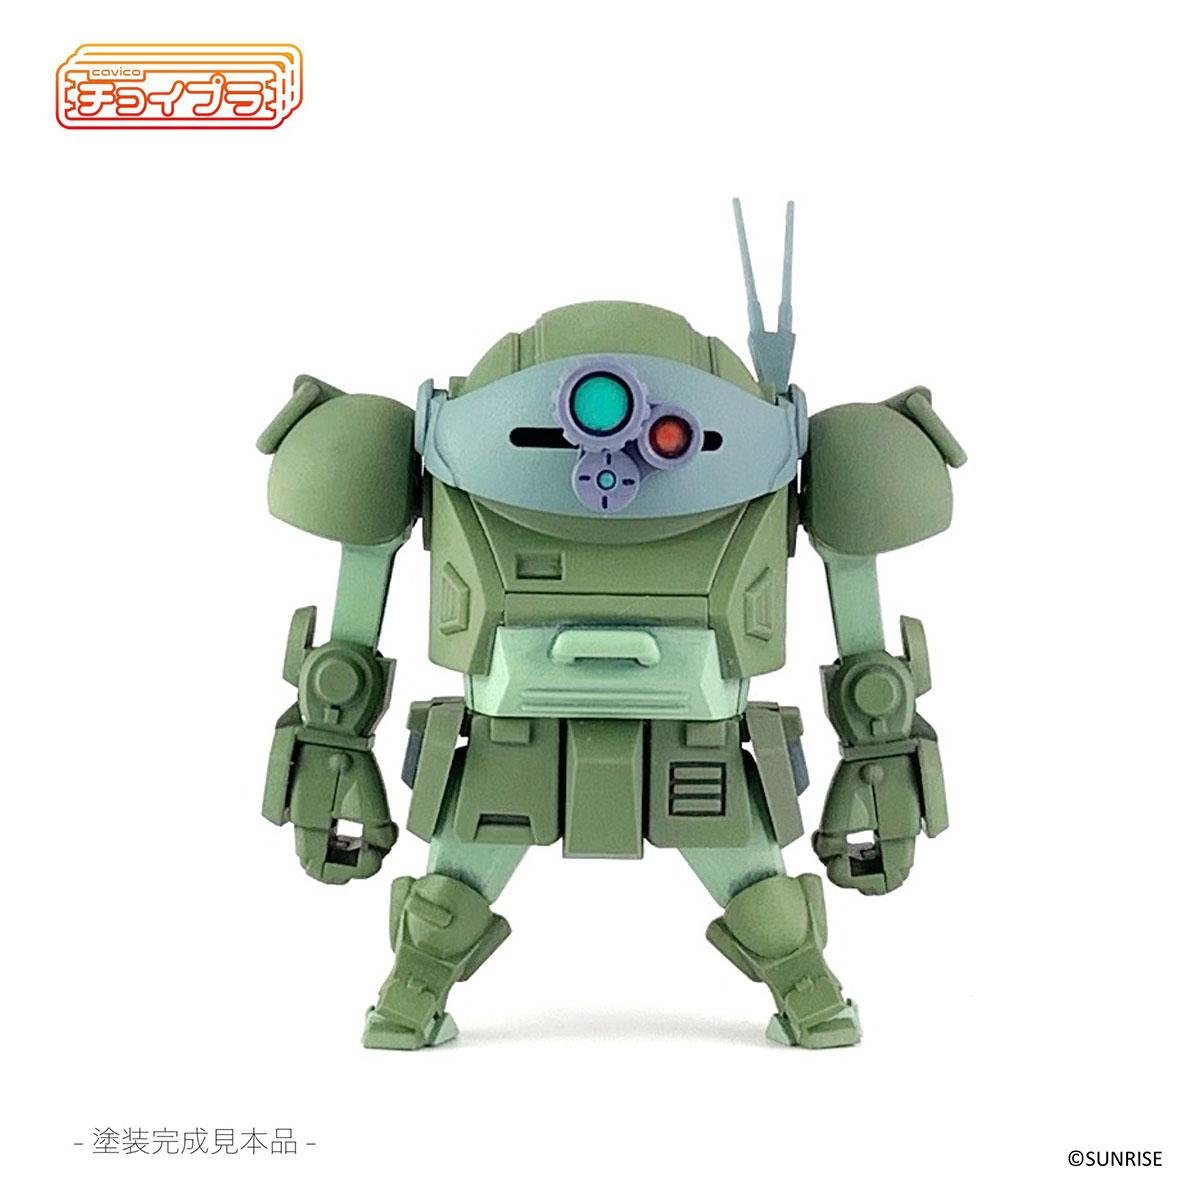 チョイプラ『装甲騎兵ボトムズ スコープドッグ』プラモデル-001